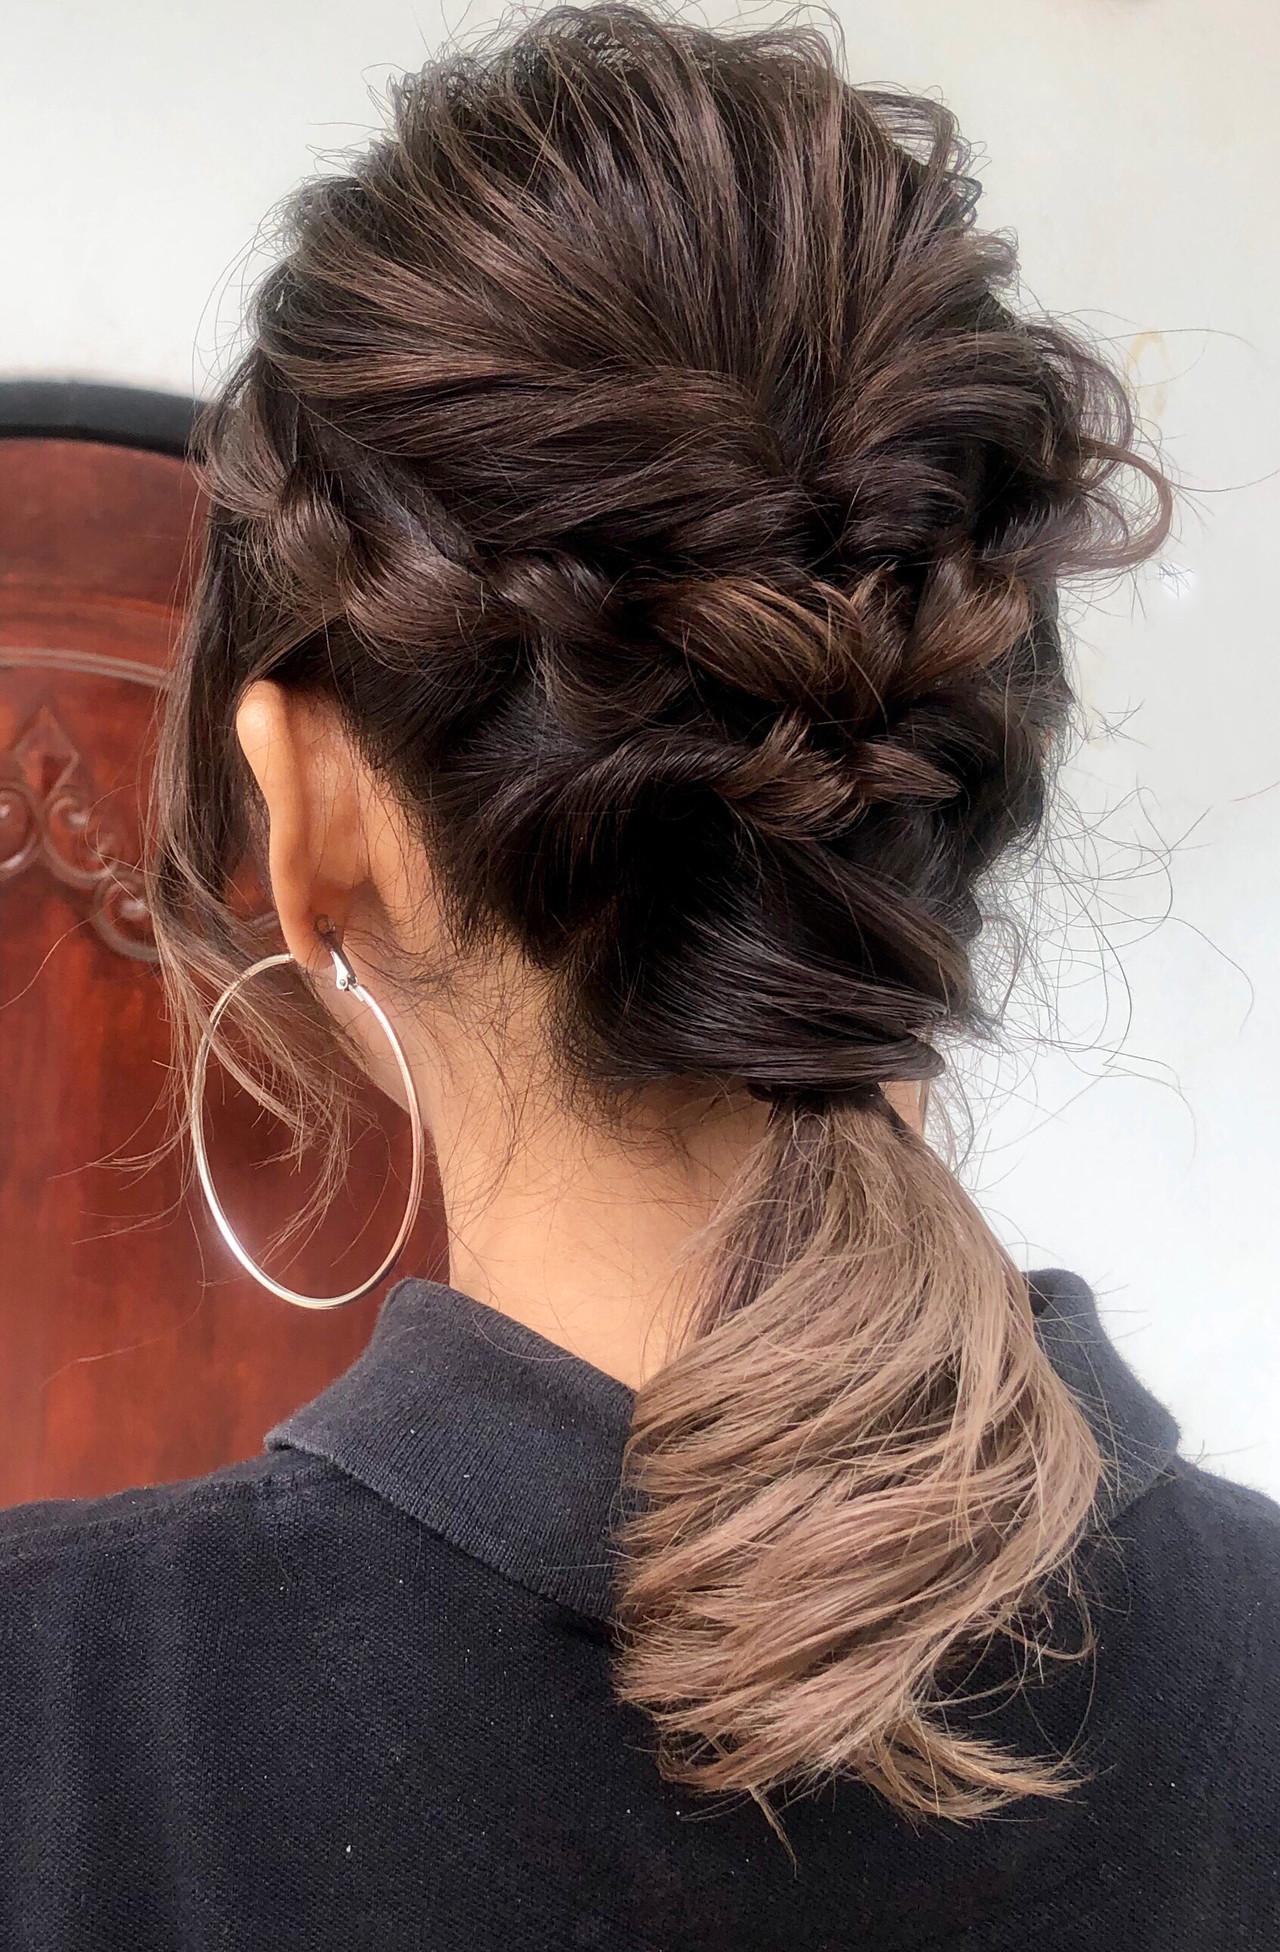 フェミニン ふわふわヘアアレンジ 結婚式ヘアアレンジ ナチュラル可愛い ヘアスタイルや髪型の写真・画像